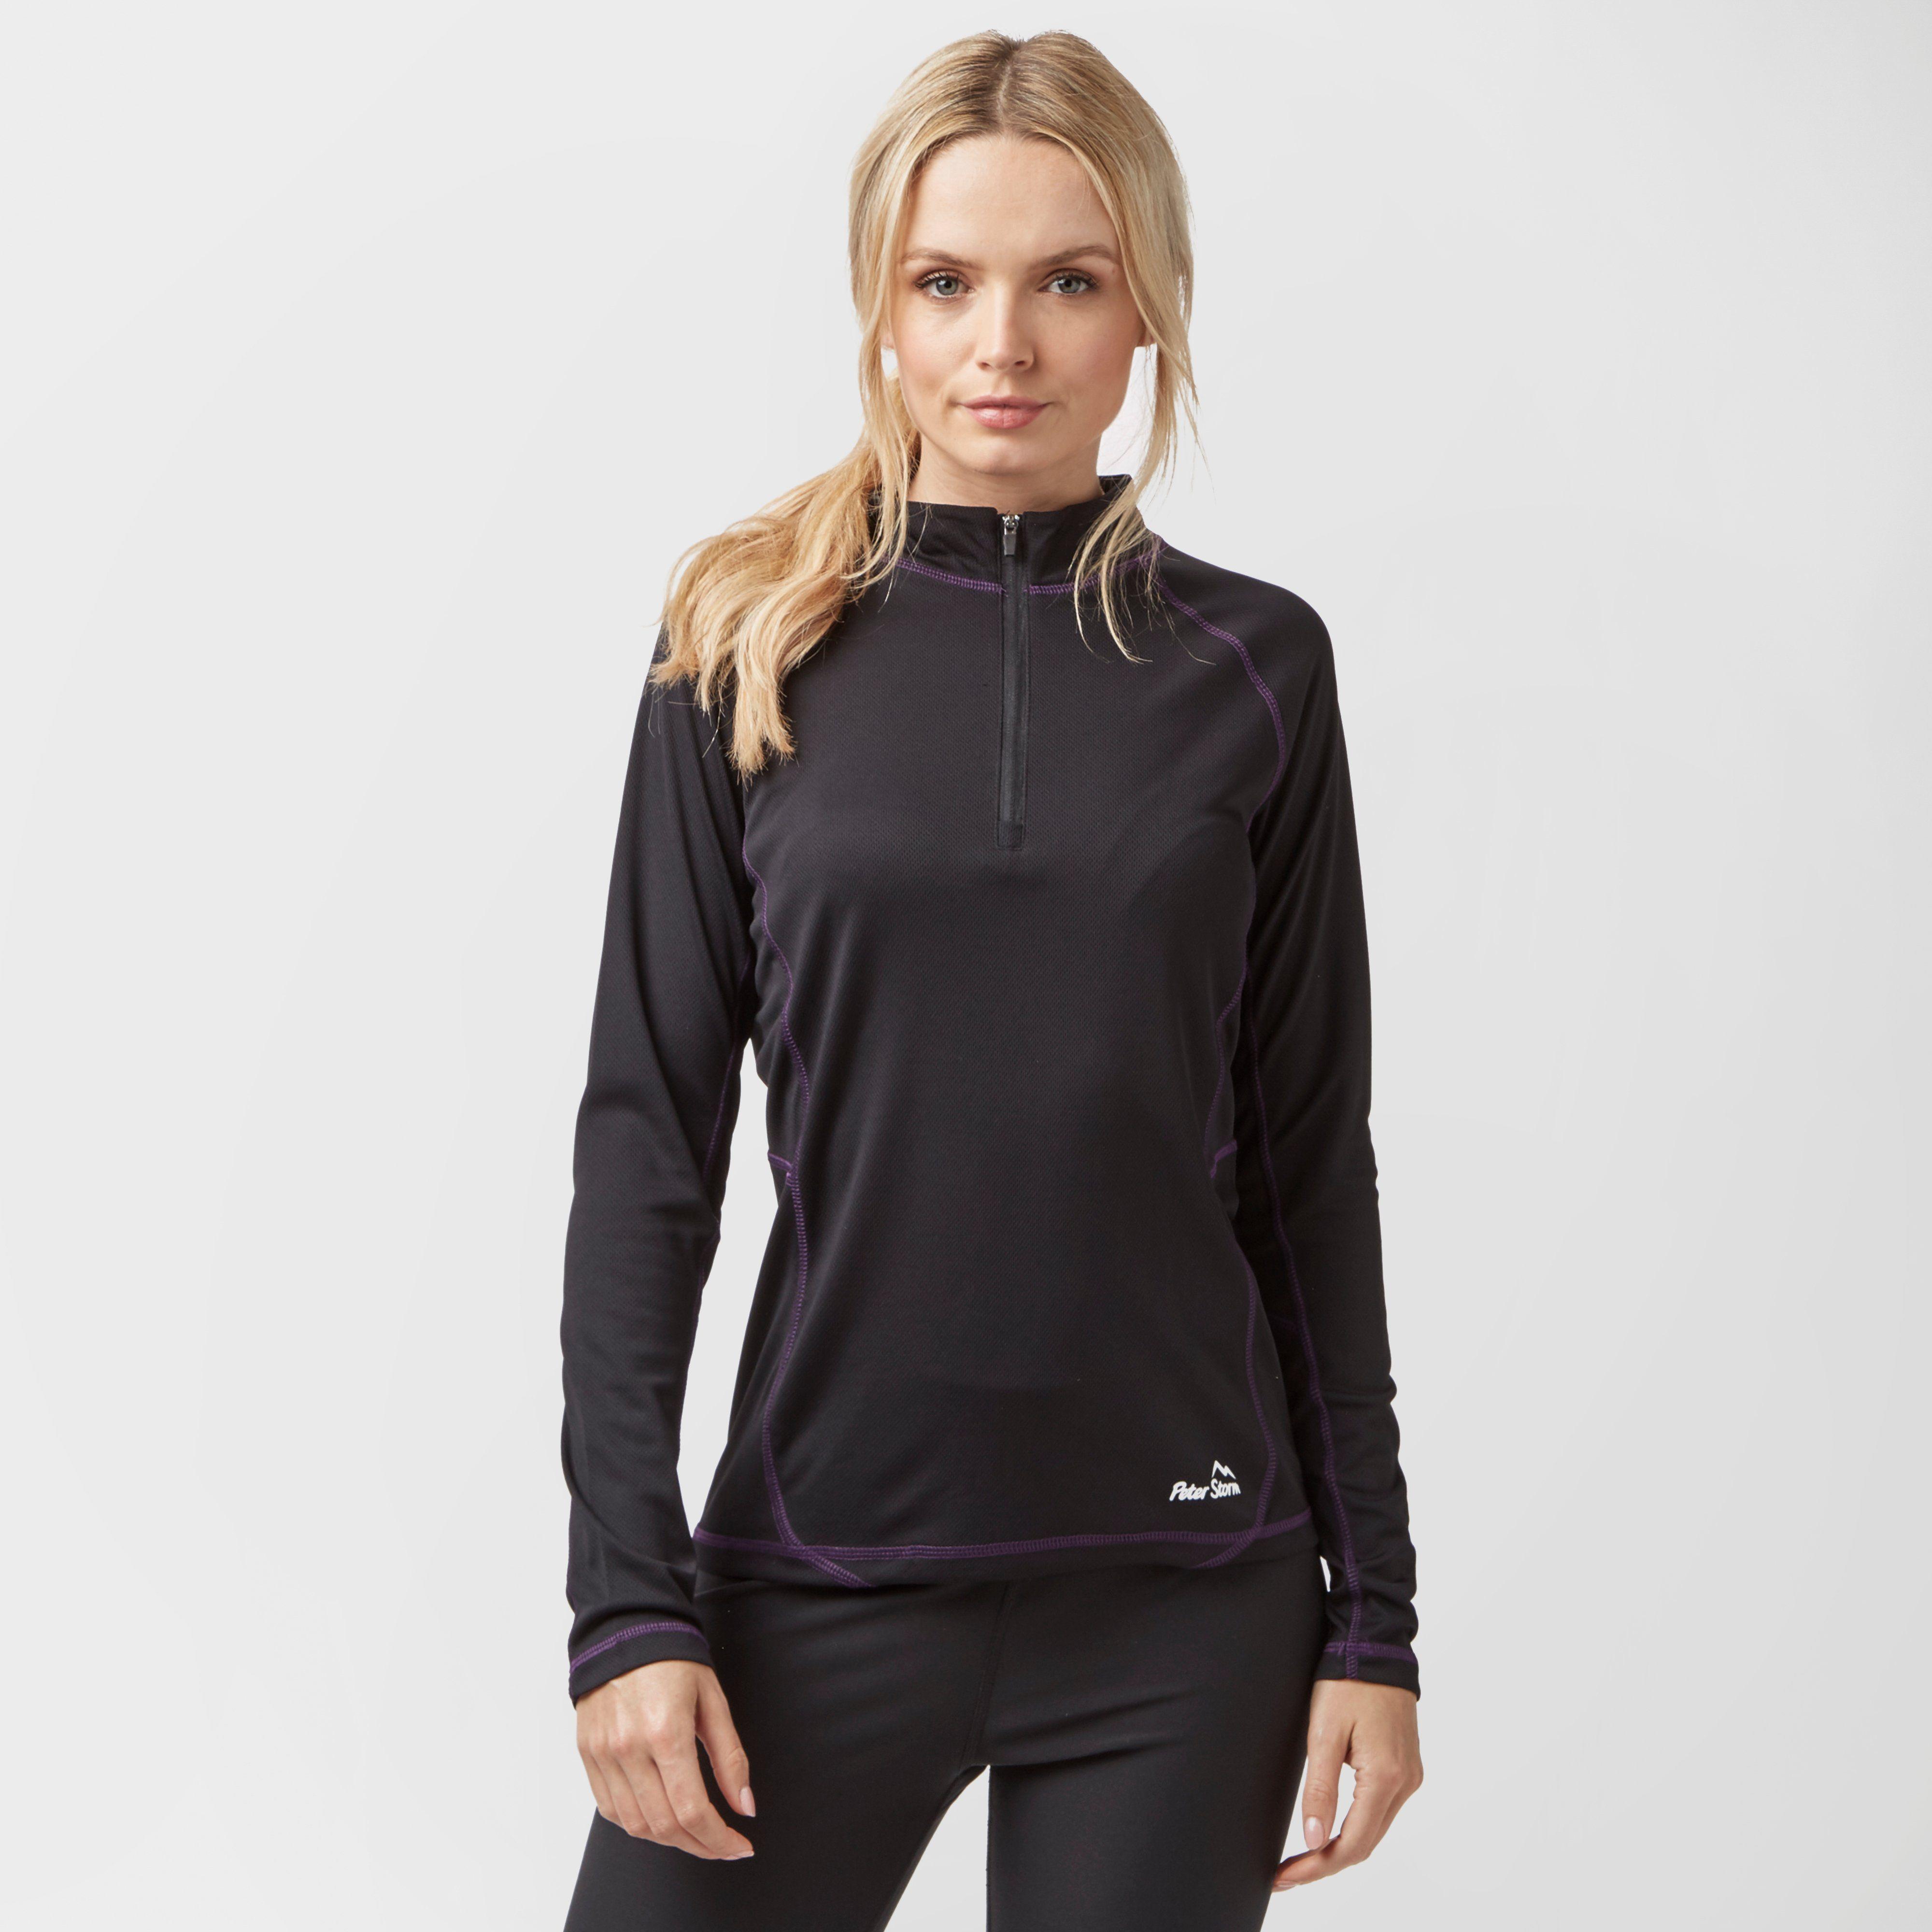 PETER STORM Women's Long Sleeve Quarter-Zip Tech Top